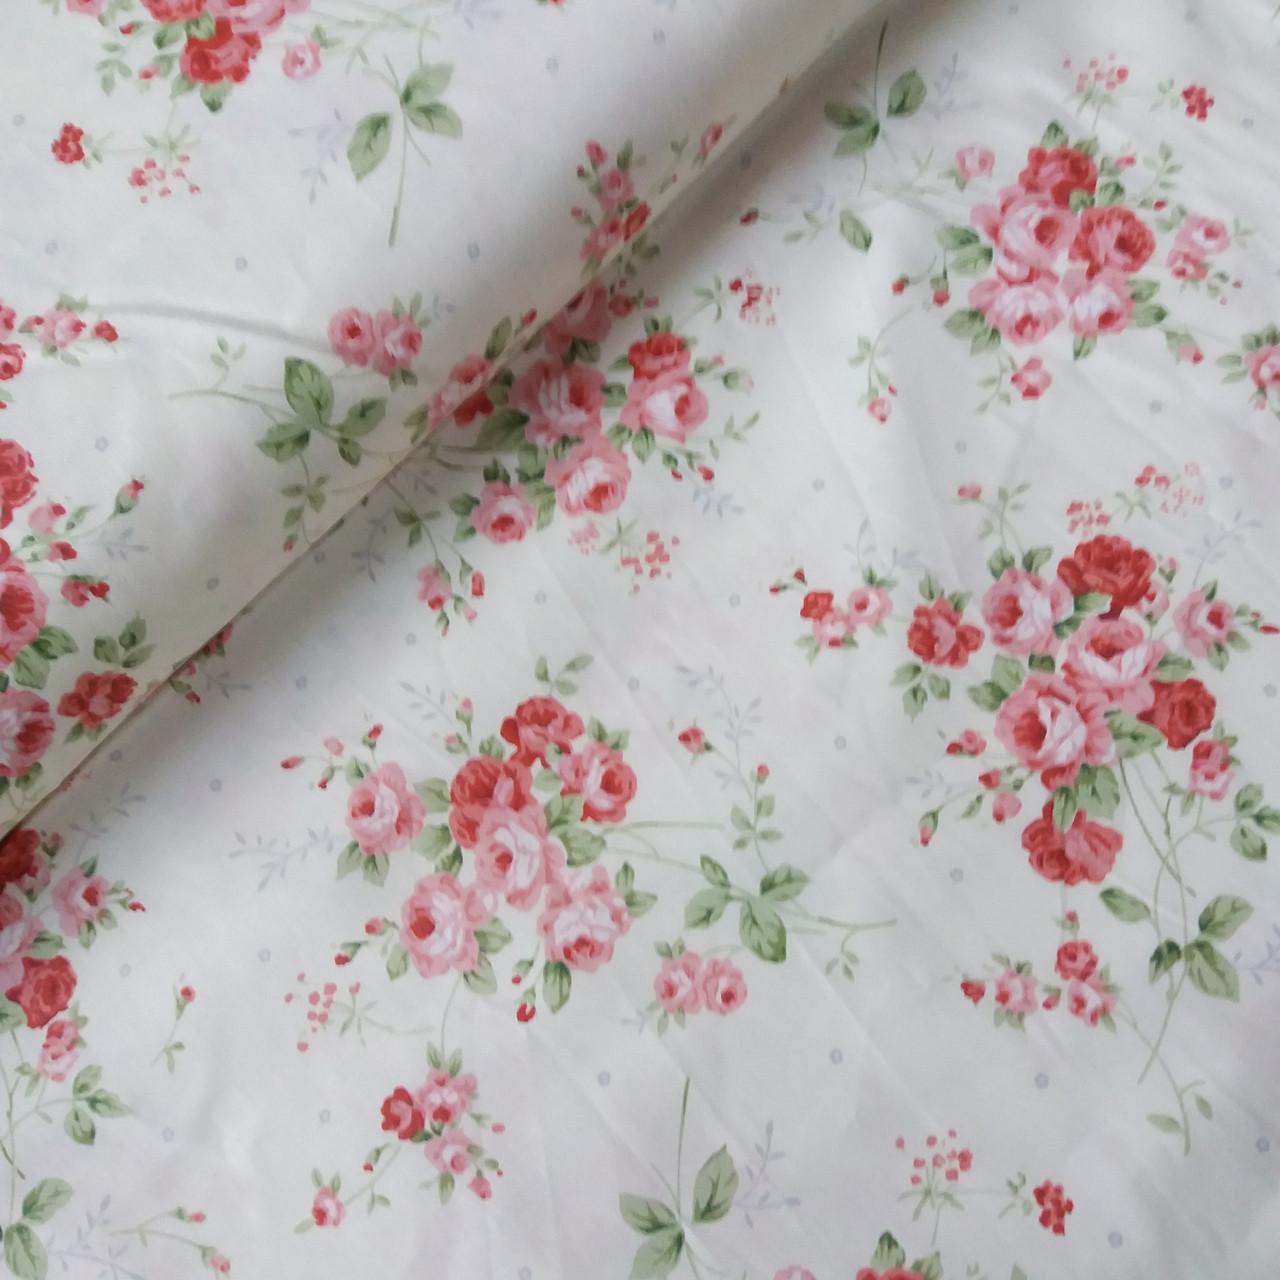 Купить ткань сатин цены ивановские ткани заказать